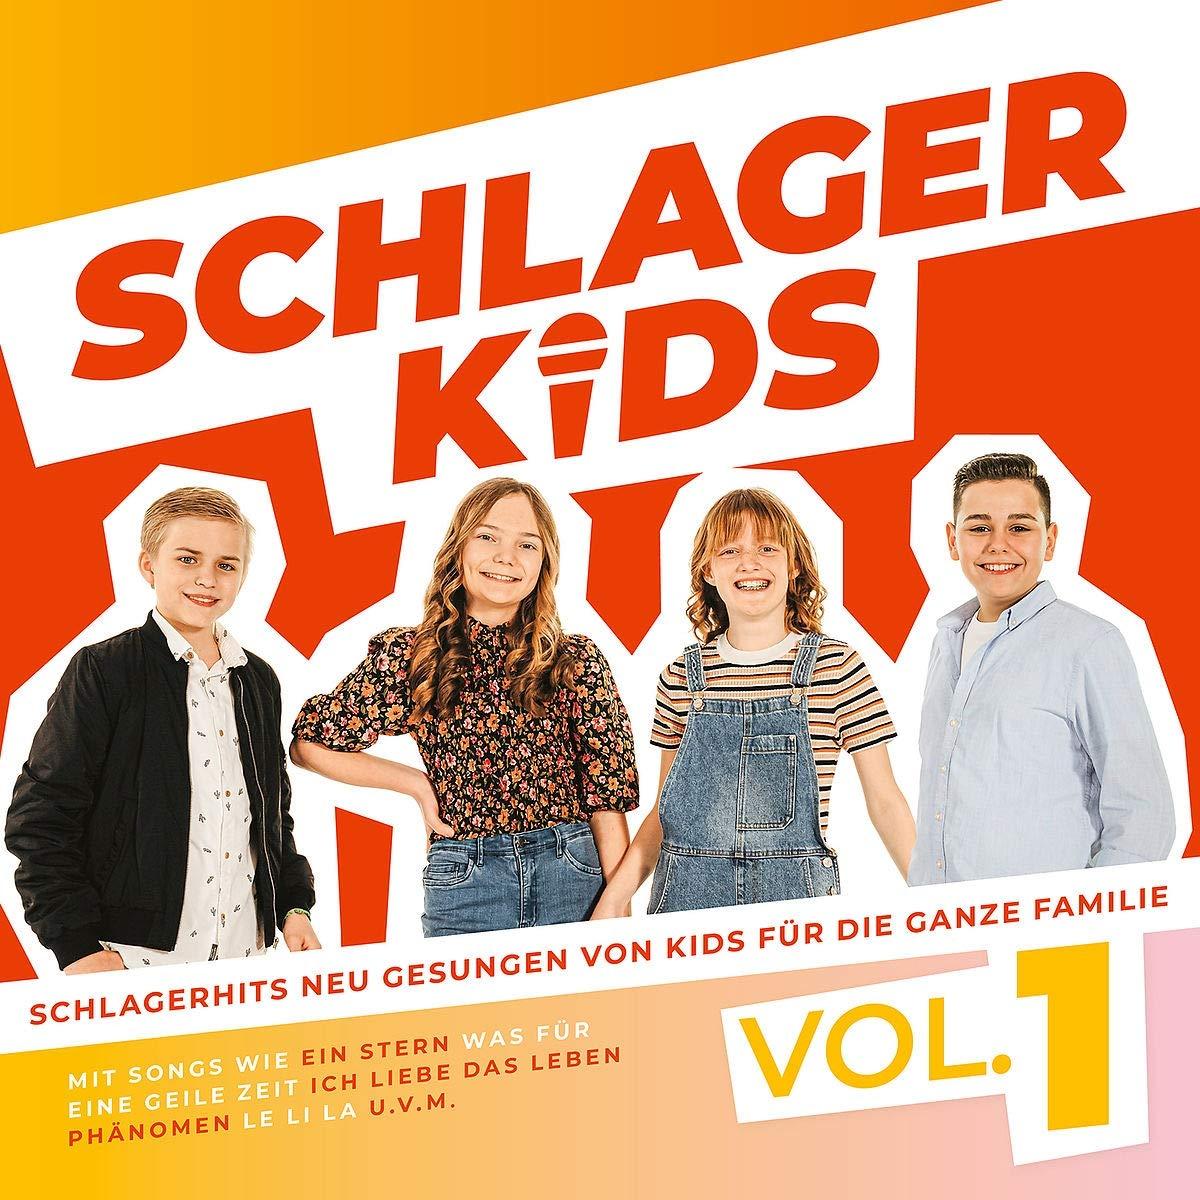 Schlagerkids - Vol.1 (von Kids für die ganze Familie) (2021)